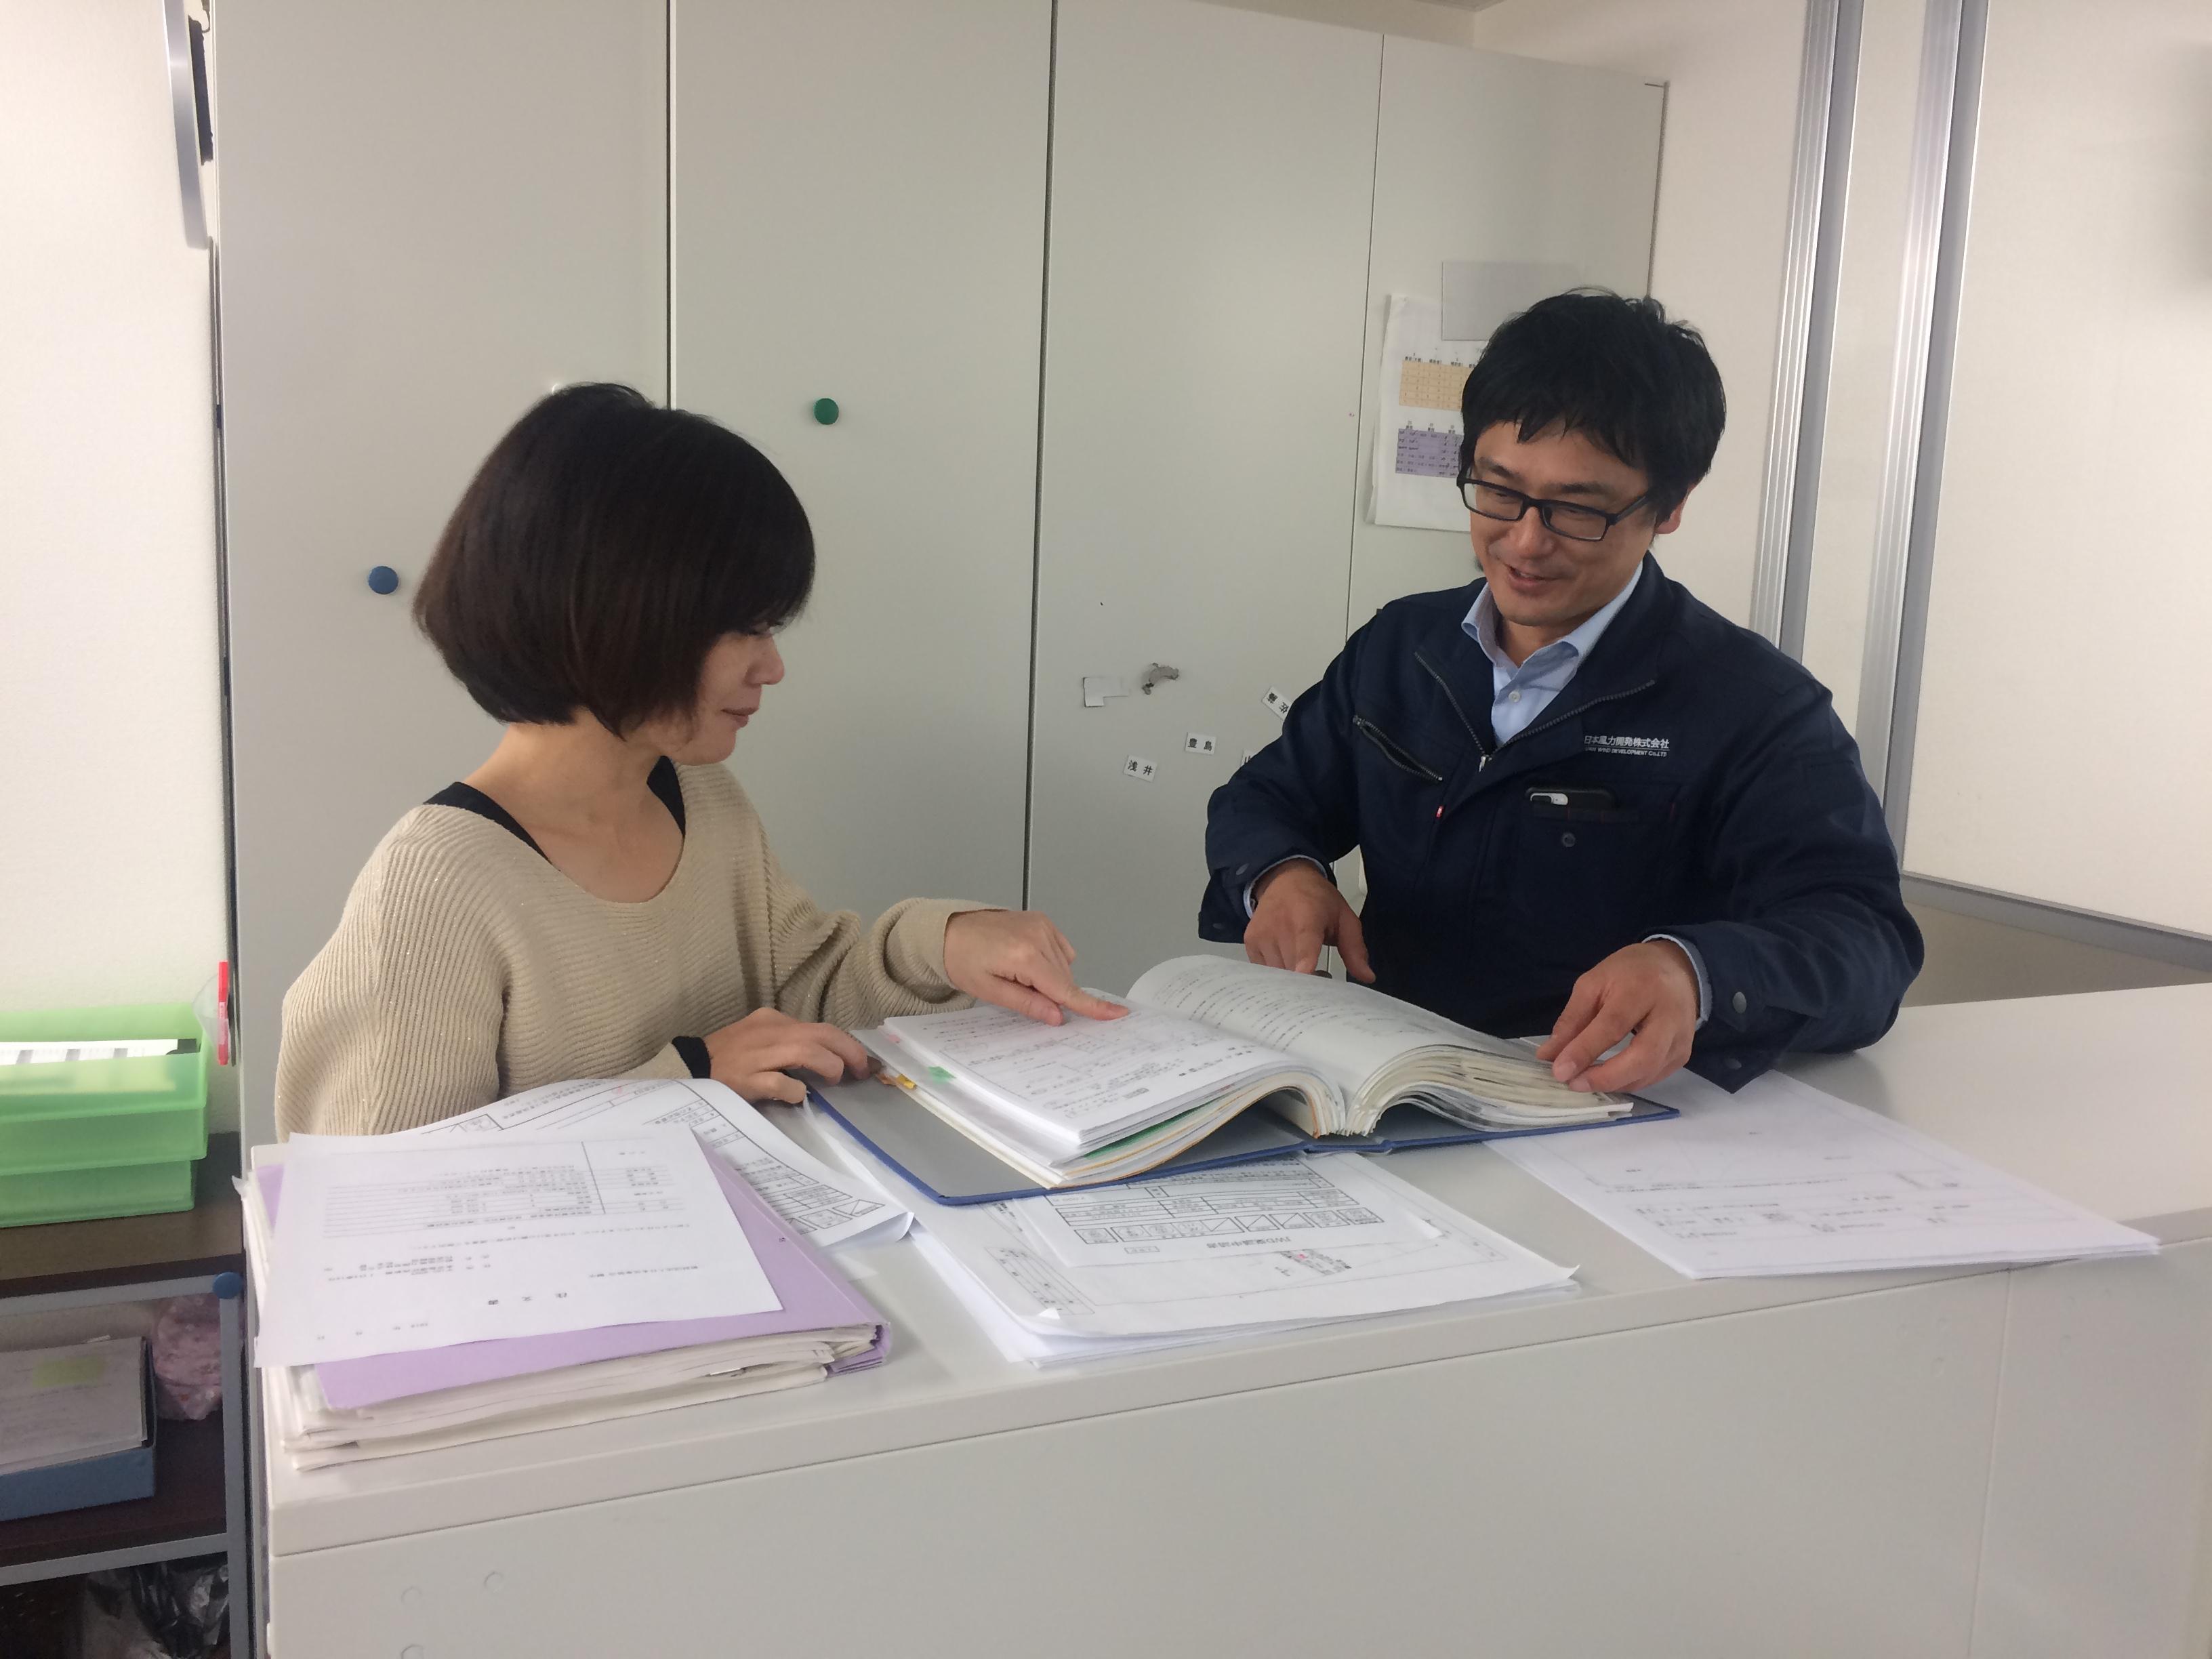 日本風力開発株式会社(営業/津軽事務所)